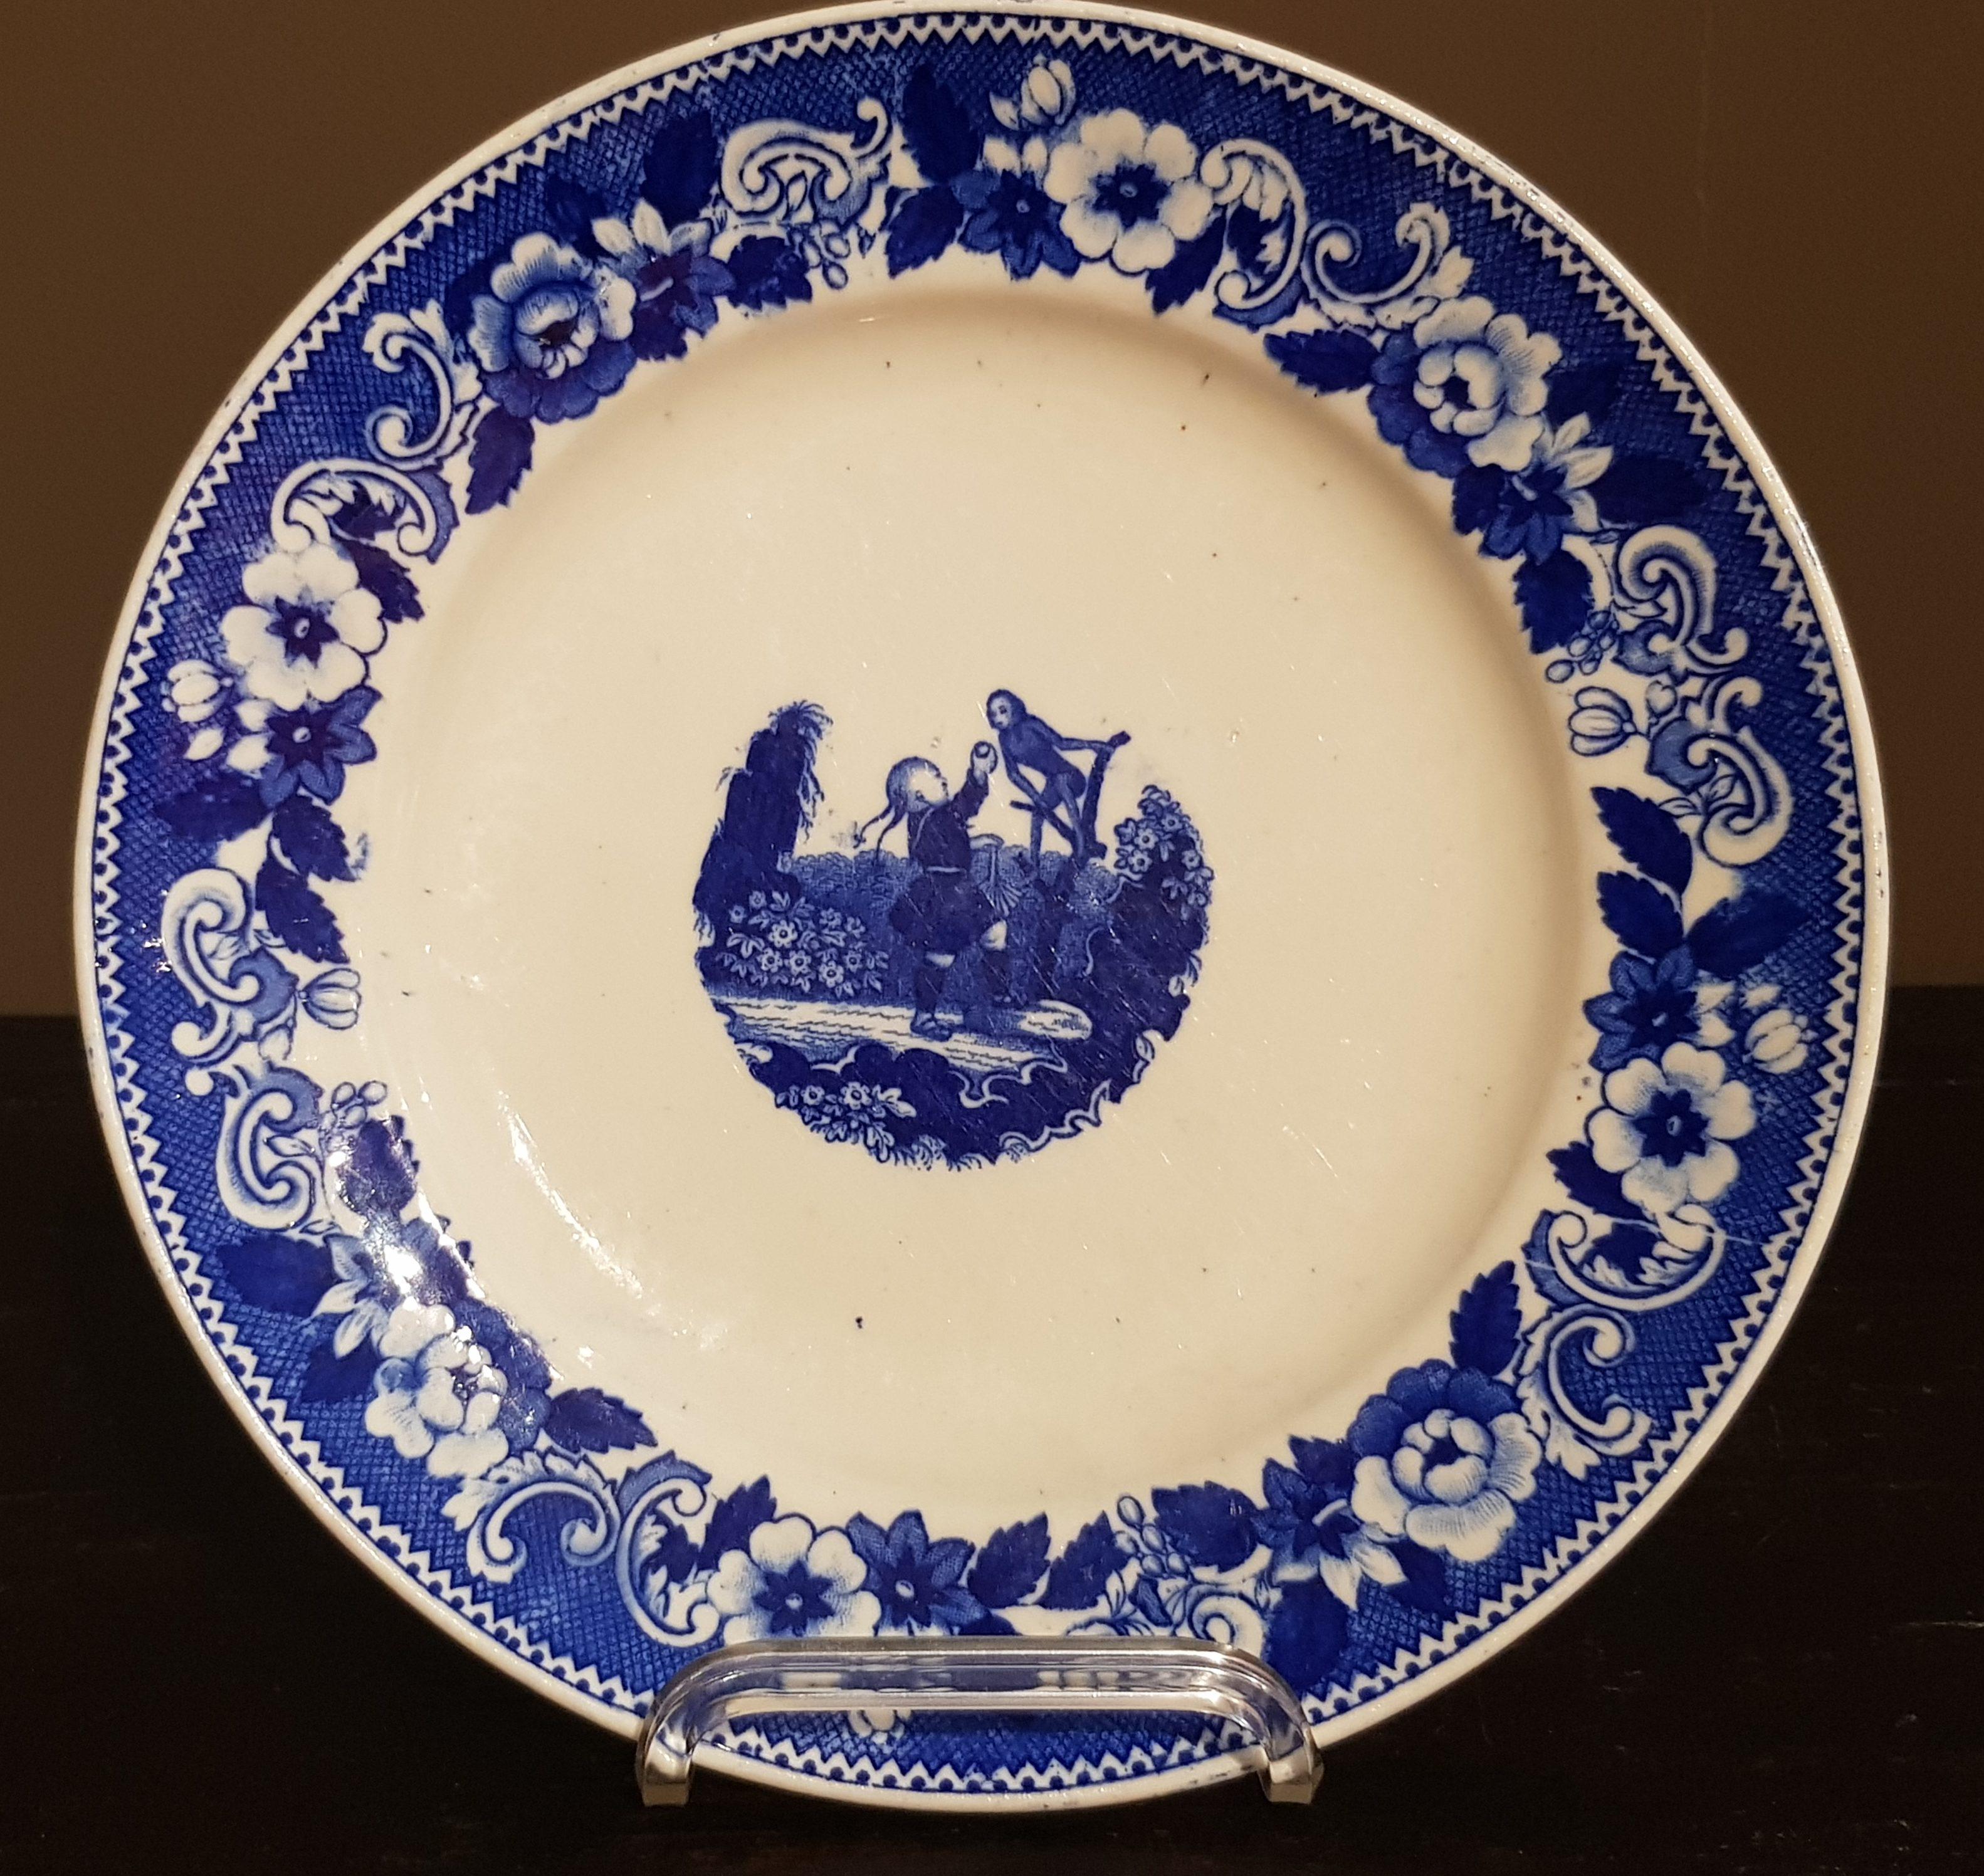 Assiette en Porcelaine de Tournai au jeux d